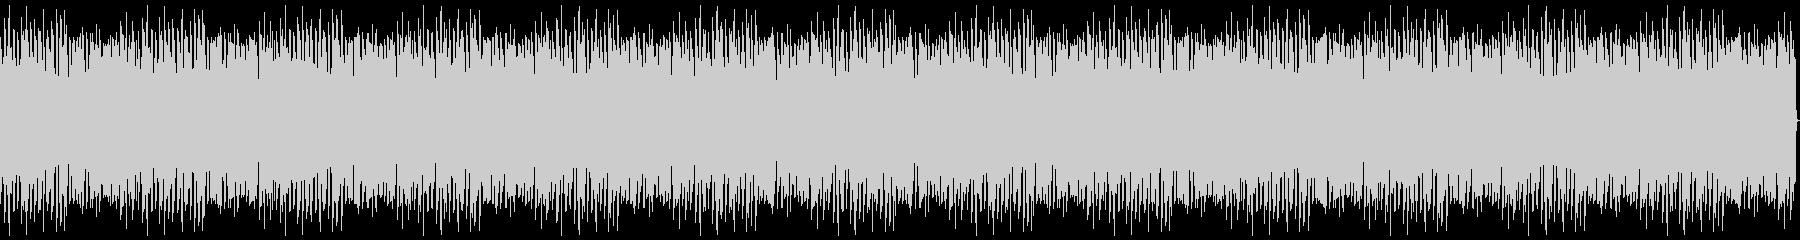 知育・ワルツ・パズル・日常ピアノ46Lの未再生の波形